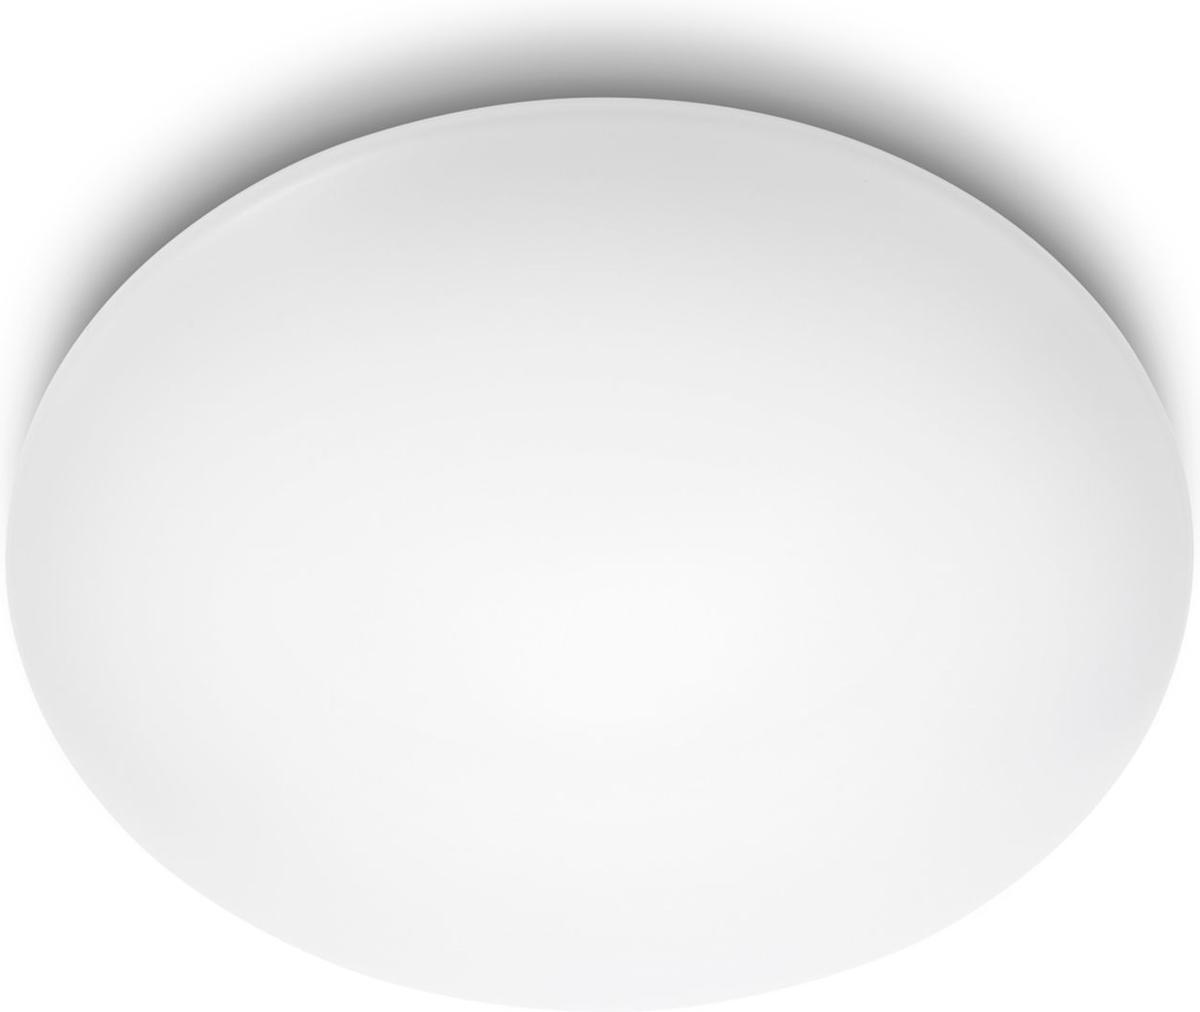 Philips LED Lampe modern decken Suede weiss 4x10W 31803/31/16